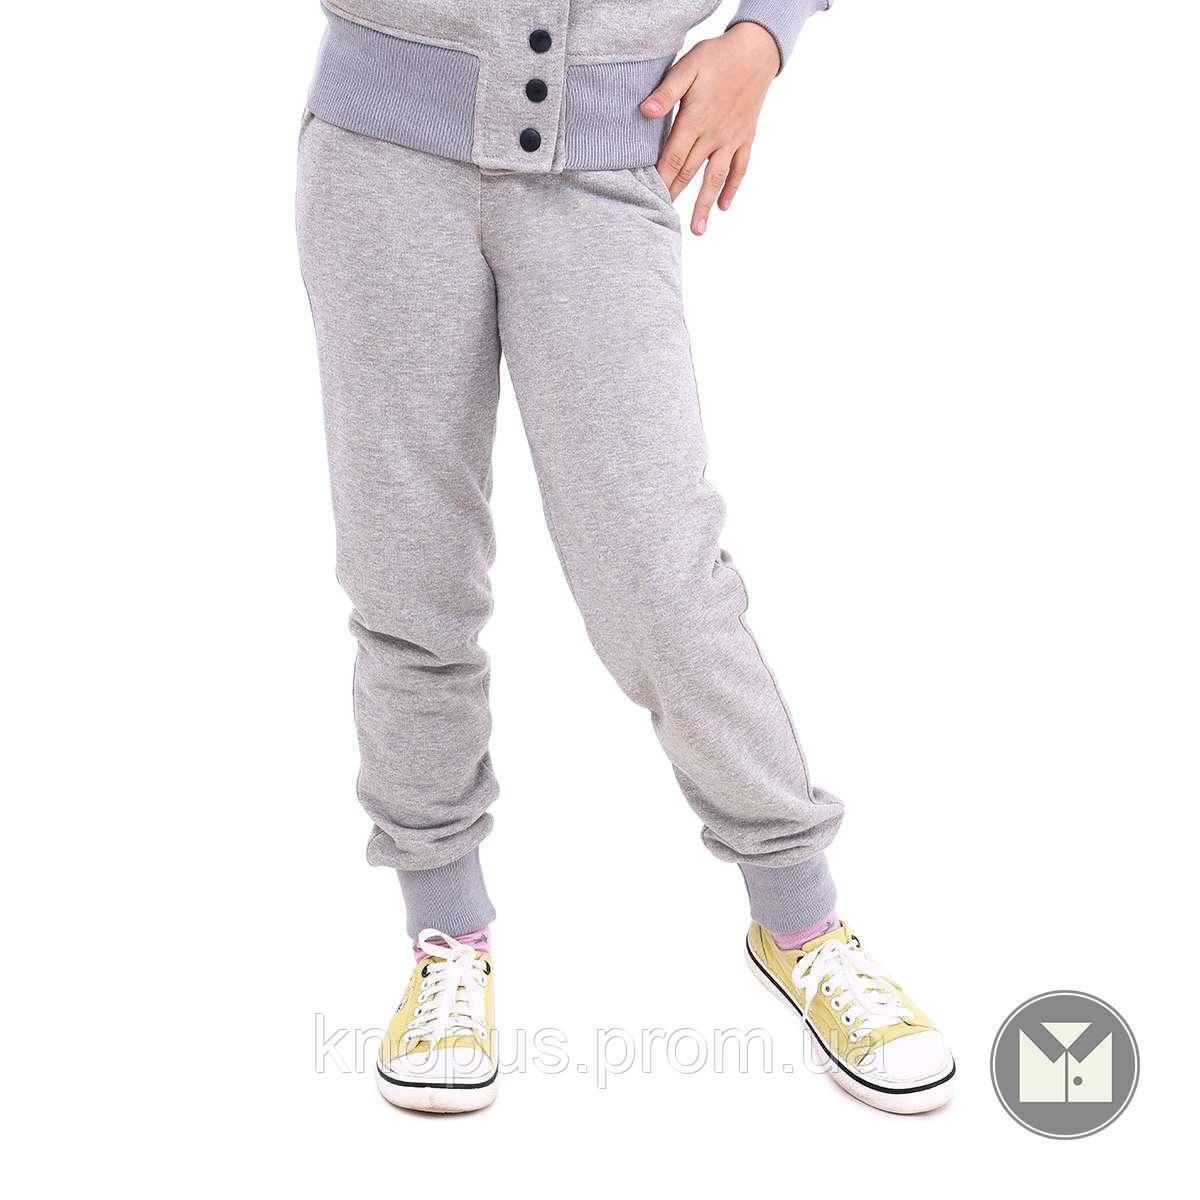 Утерленные спортивные штаны  для девочки светло-серые, Nicole, размеры 122-152, Тимбо